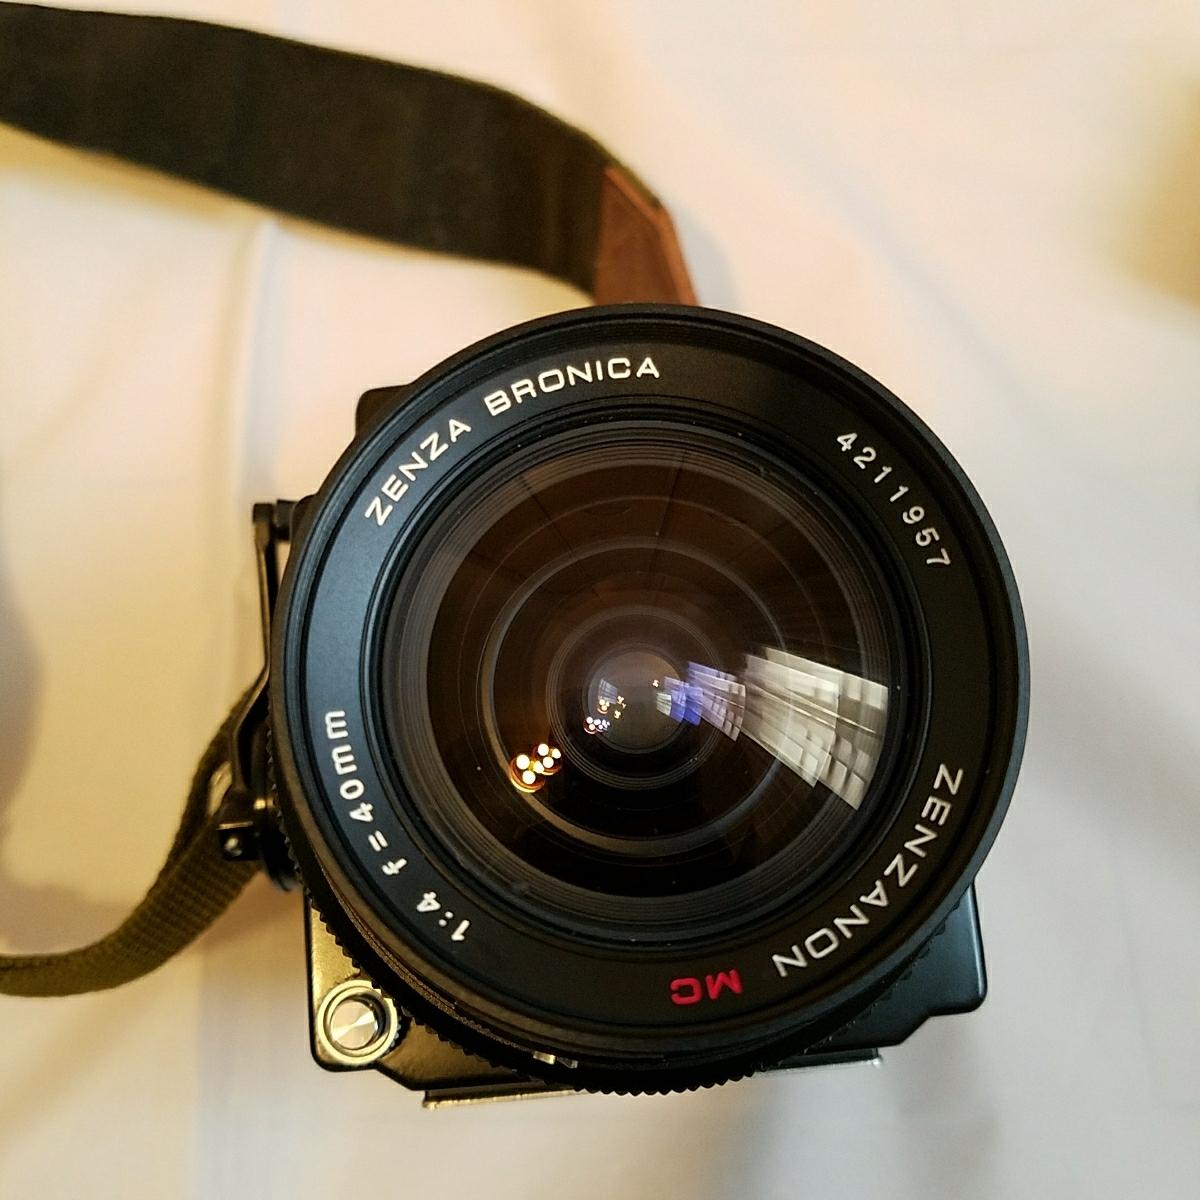 ブロニカ ZENZA BRONICA ETRS 40mm 4 レンズ付き_画像7